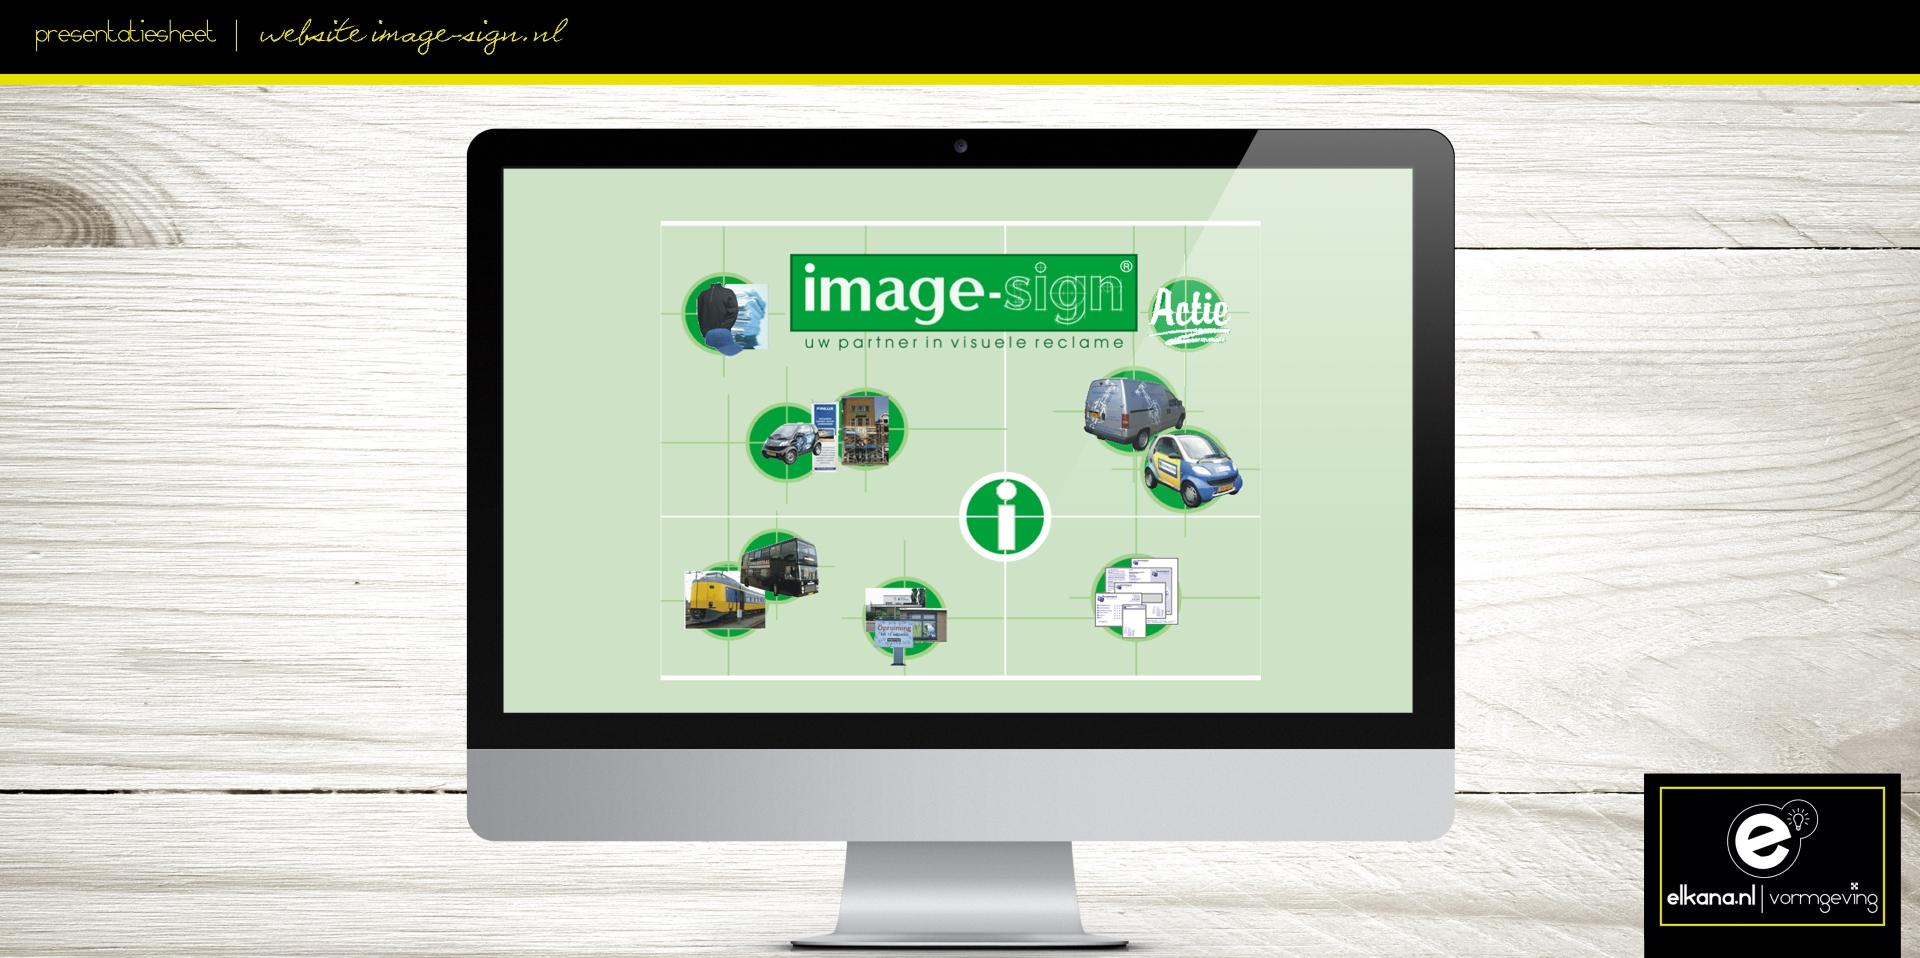 Website Image-Sign